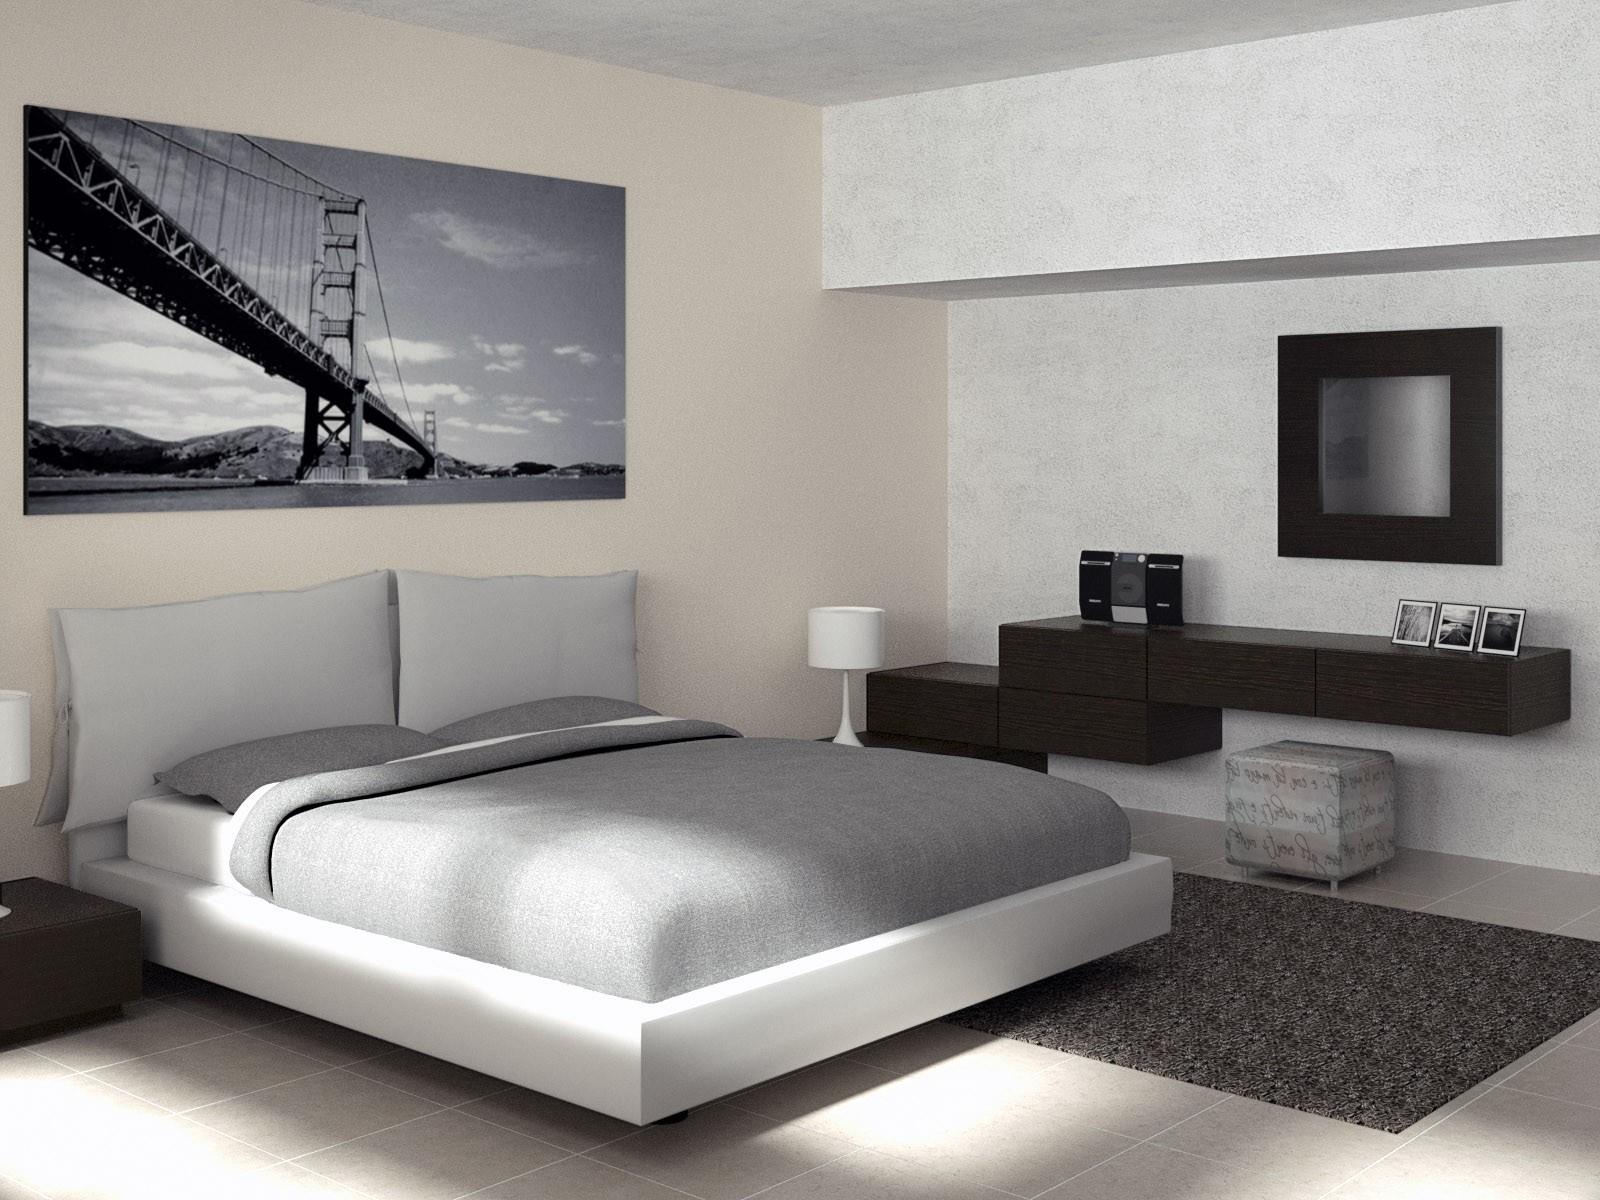 Camere Da Letto Bellissime Moderne.54 6ad16224 98b8 4ff2 A3dc 872b56d9d865 6 Immobiliare Al Corso